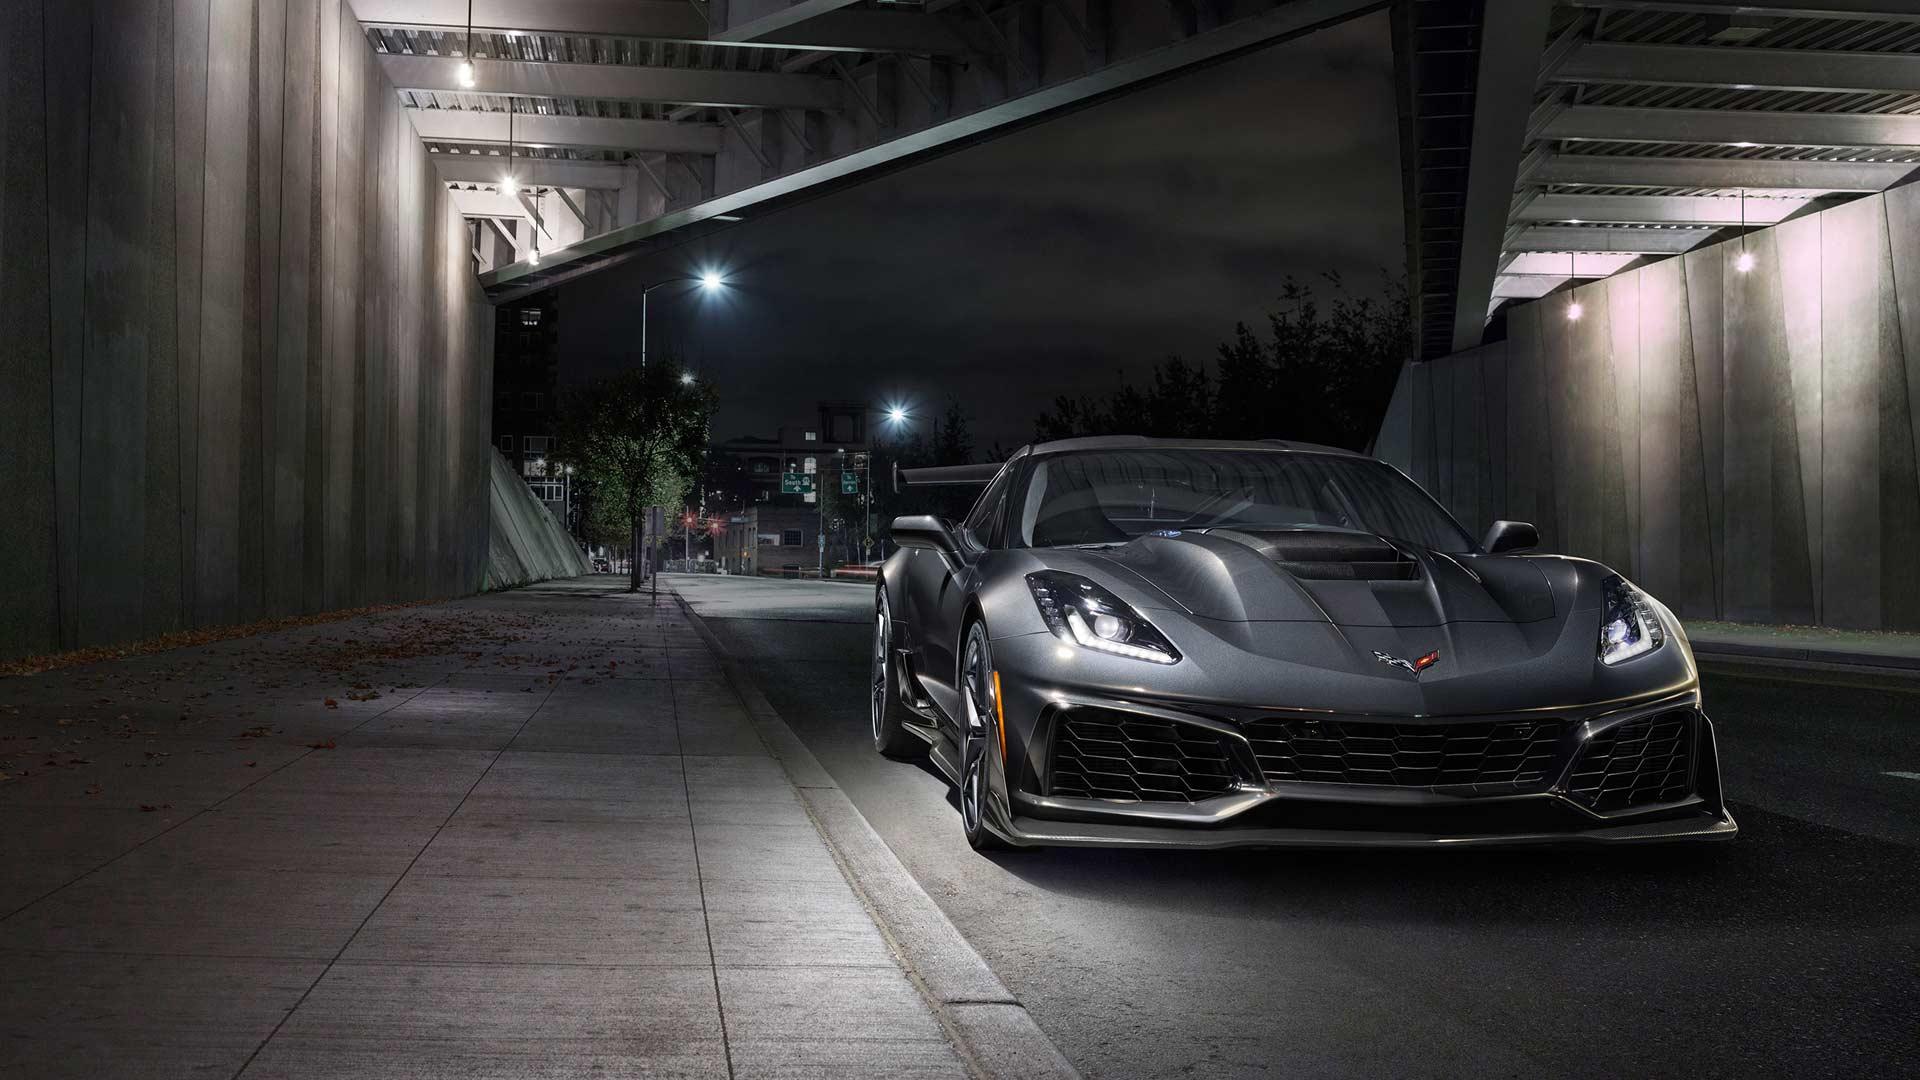 2019-Chevrolet-Corvette-ZR1_5